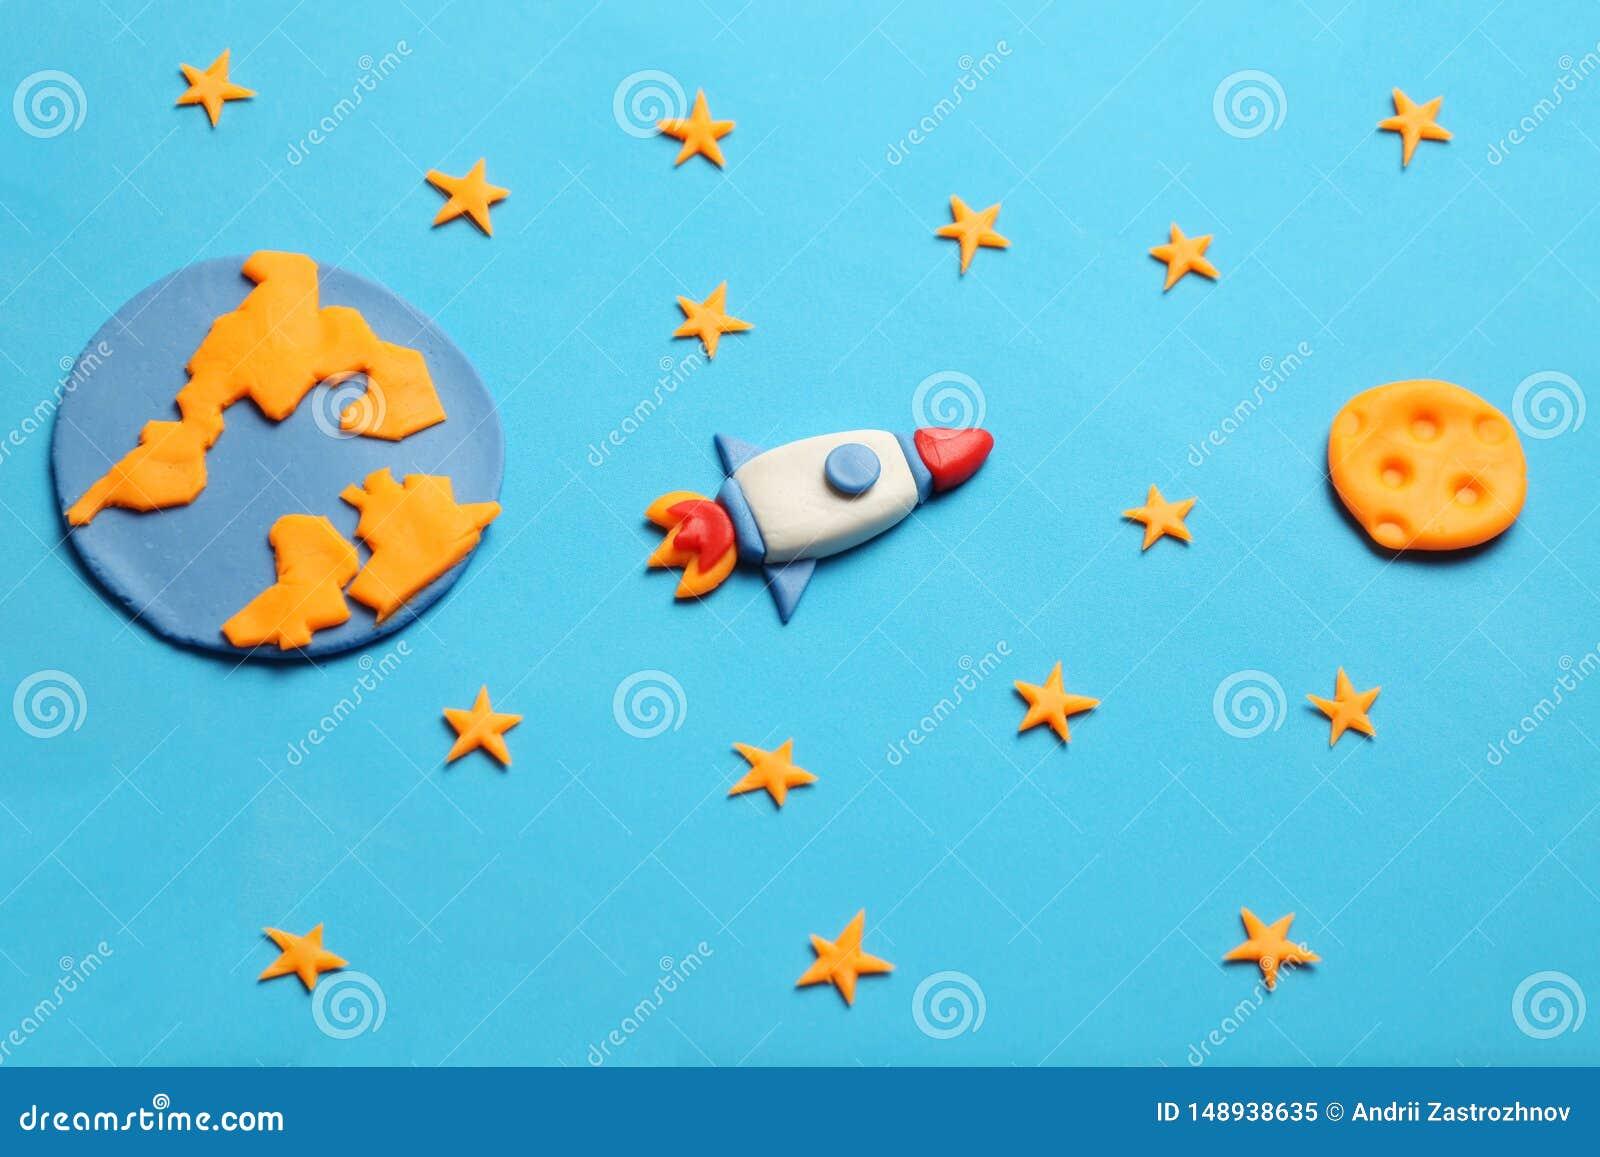 Kreatywnie rzemiosło plasteliny rakieta w otwartej przestrzeni, astronauta marzy Gwiazdy, planety ziemia i księżyc, Kresk?wki szt